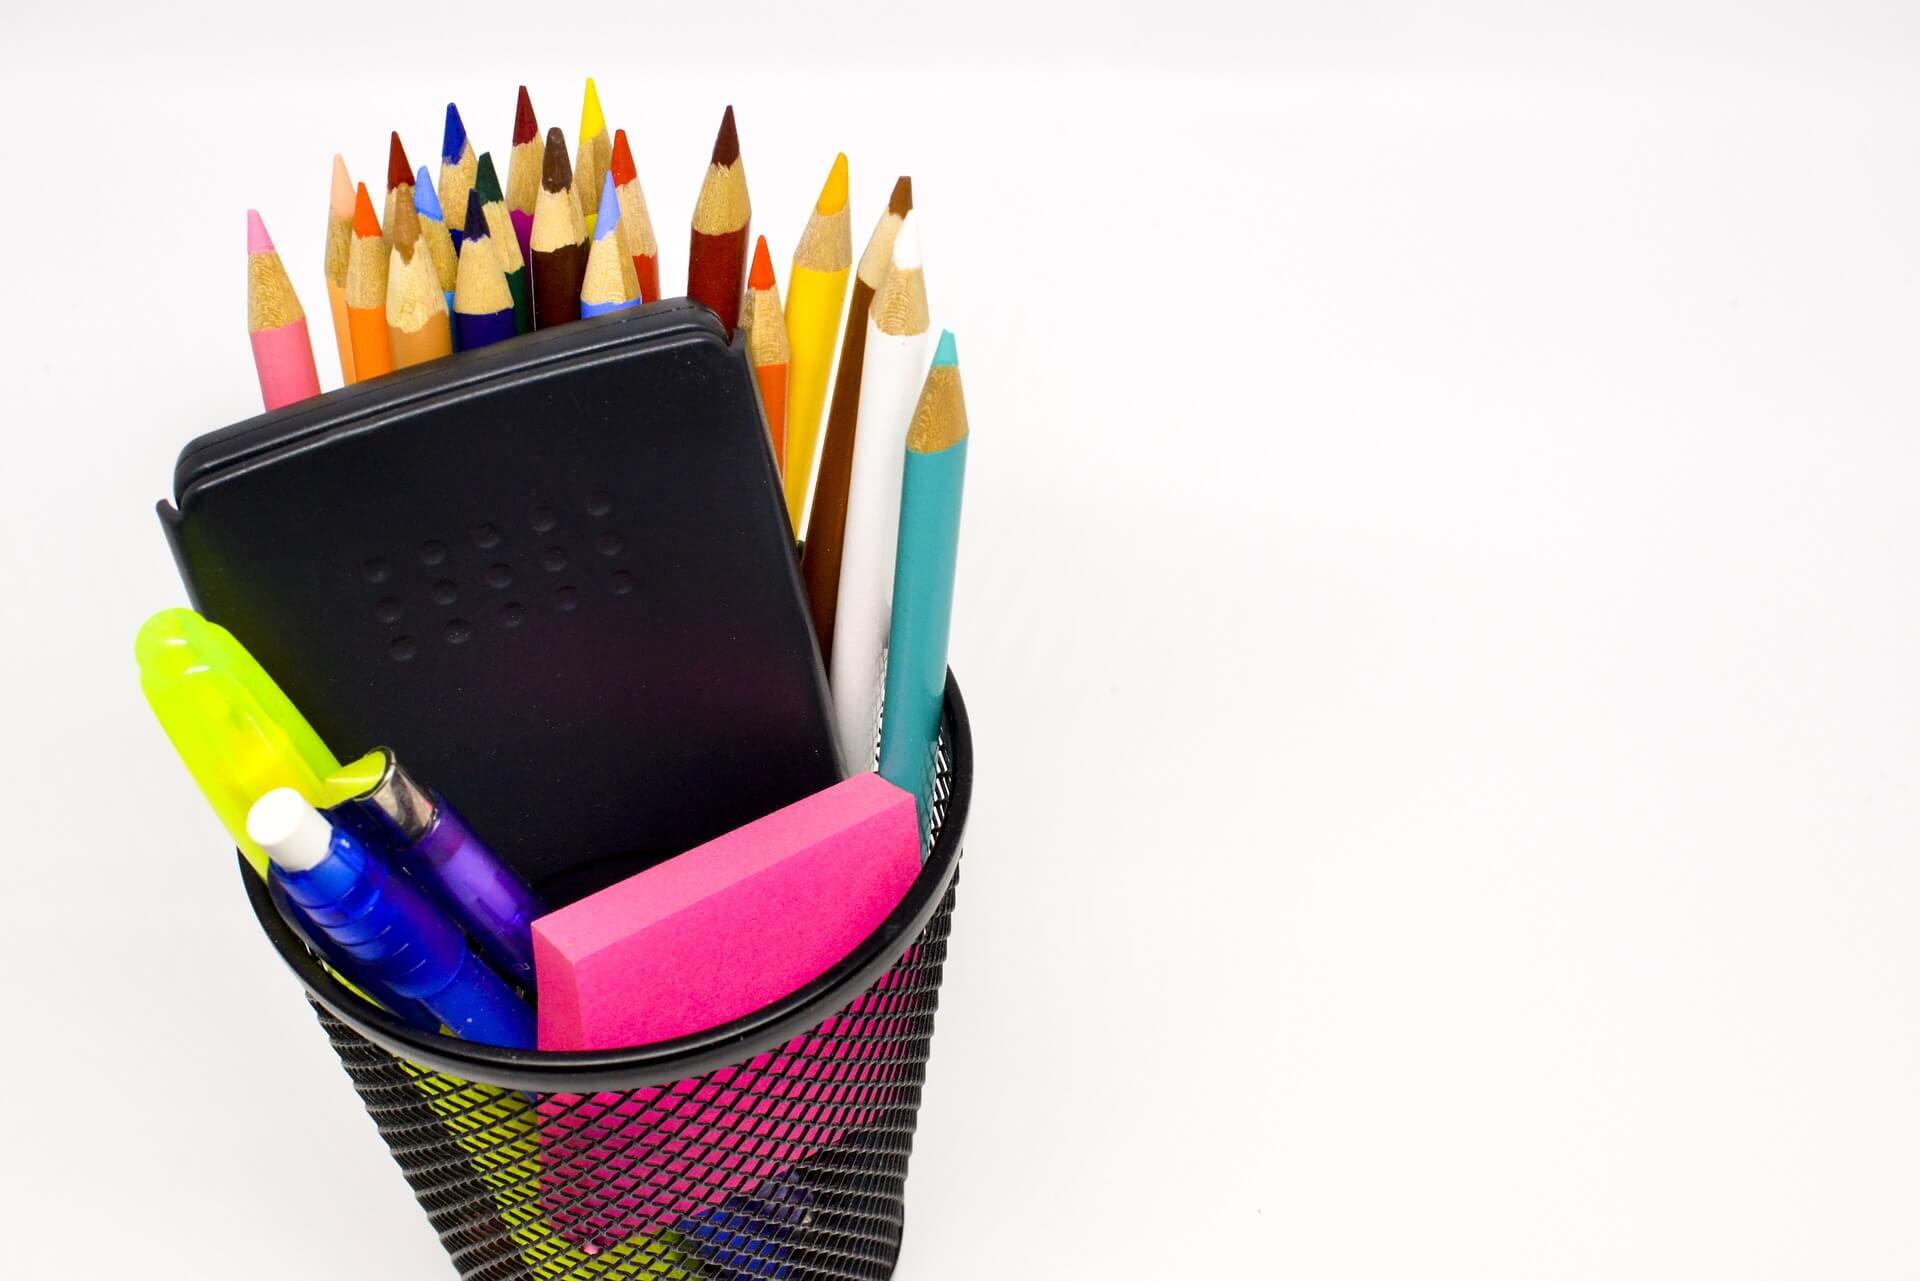 fourniture scolaire pas cher et en ligne top office. Black Bedroom Furniture Sets. Home Design Ideas